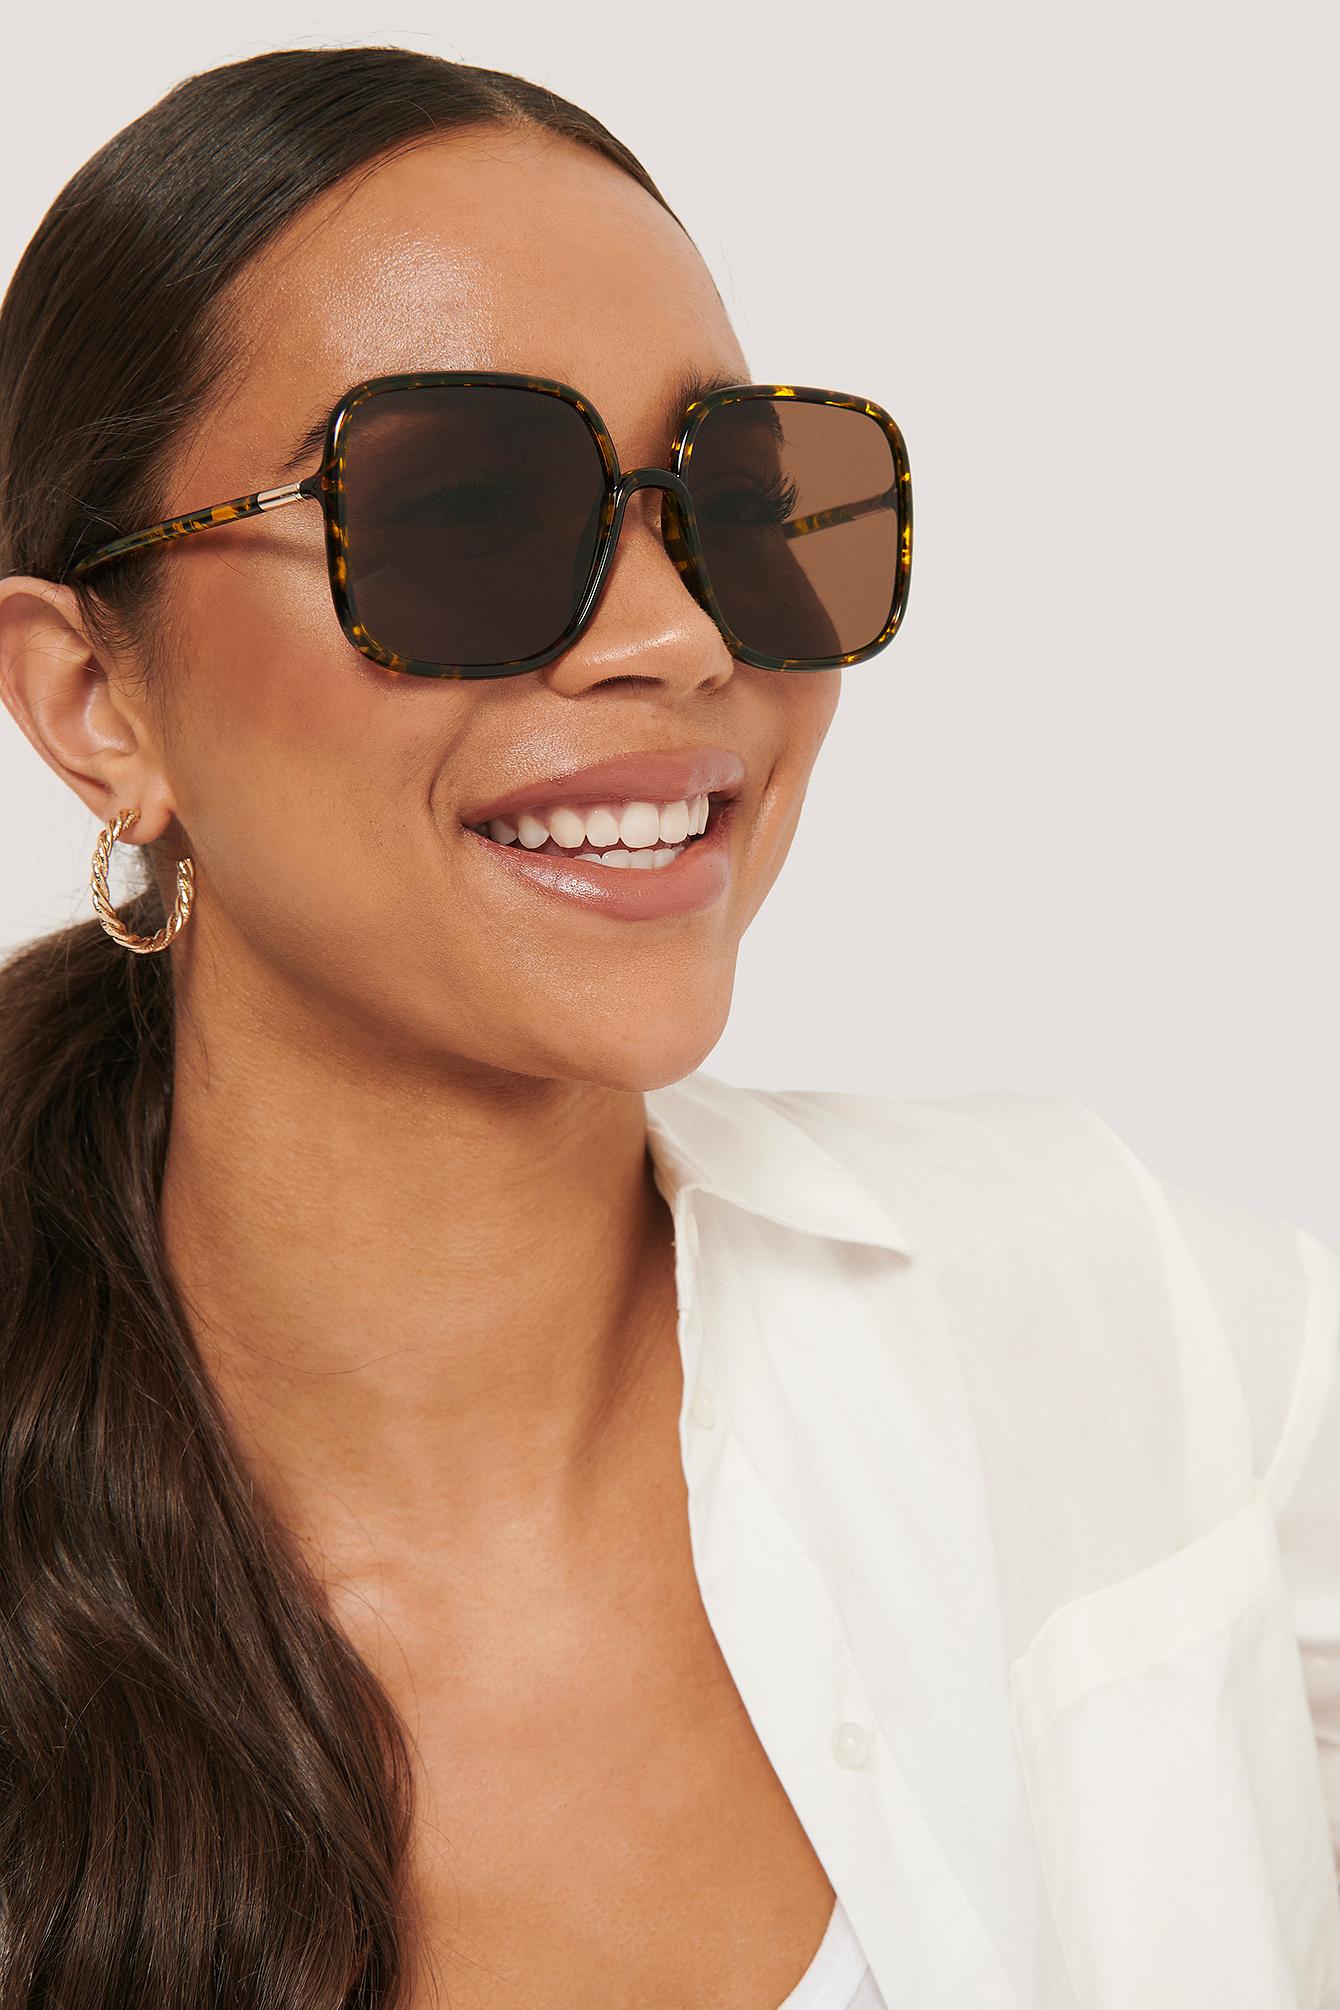 NA-KD Accessories Übergroße 70Er Jahre Retro-Sonnenbrille - Brown | Accessoires > Sonnenbrillen > Sonstige Sonnenbrillen | NA-KD Accessories